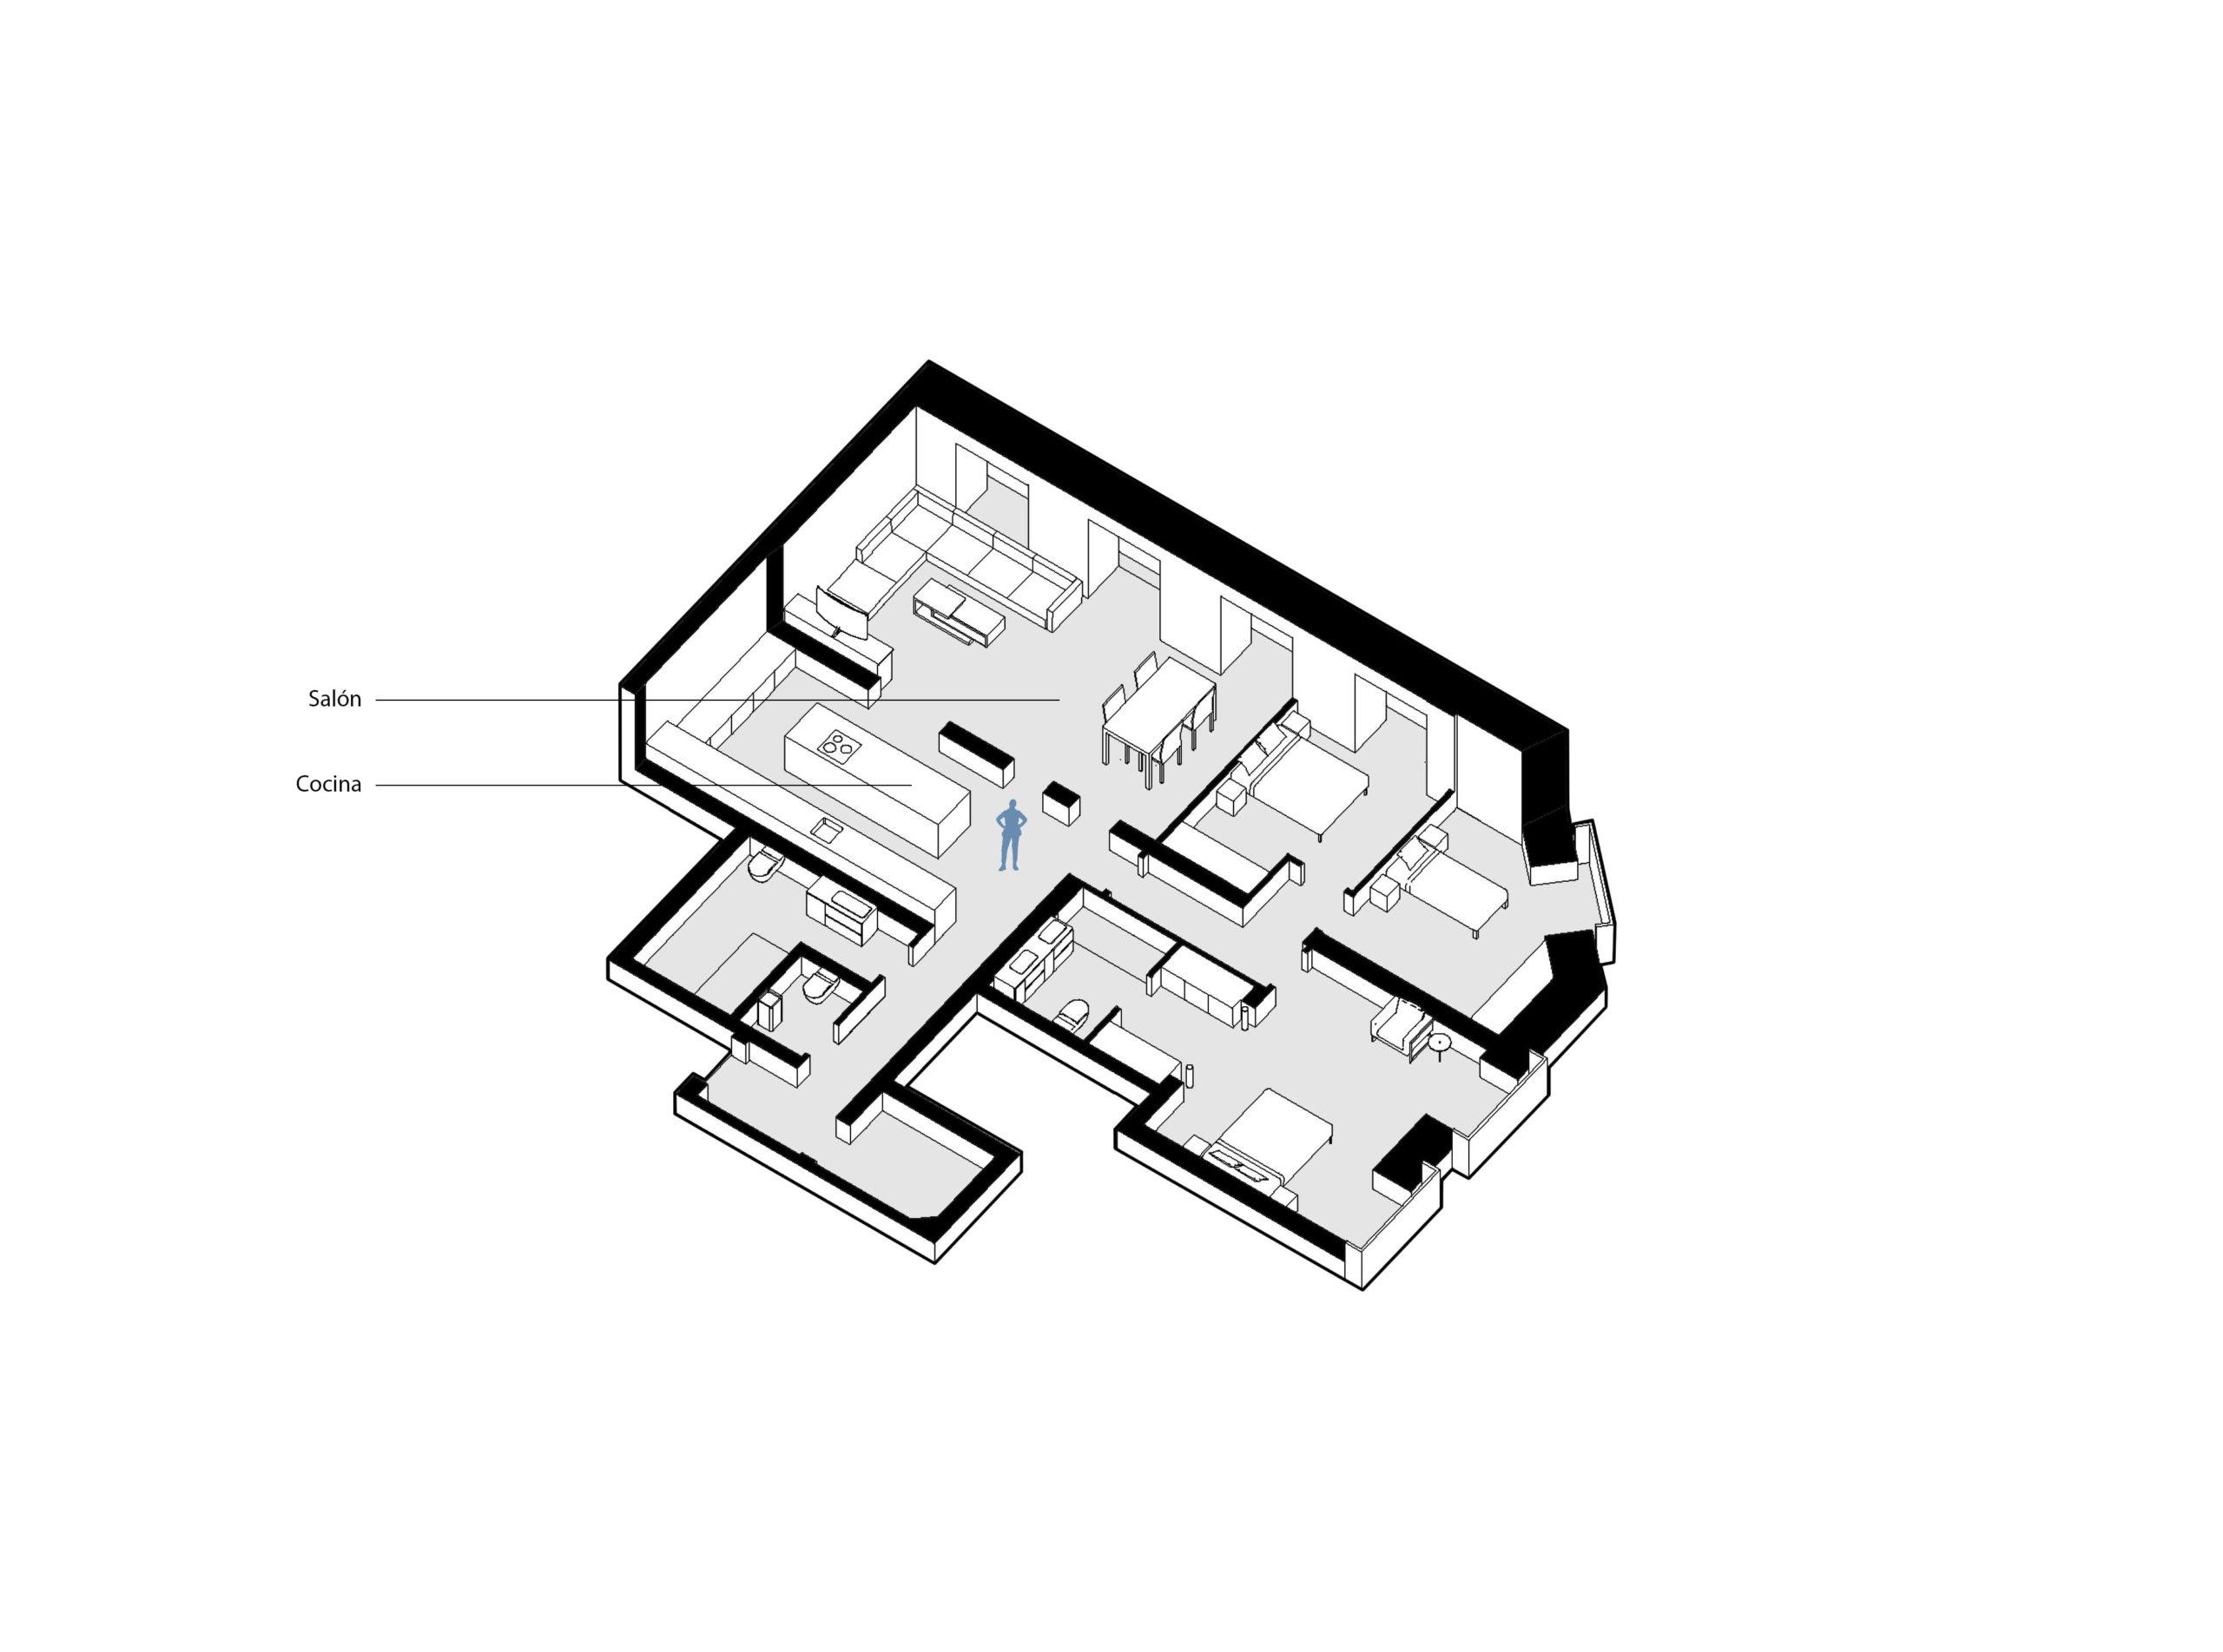 reforma-integral-vivienda-8_CASA JJ54 Salon y cocina